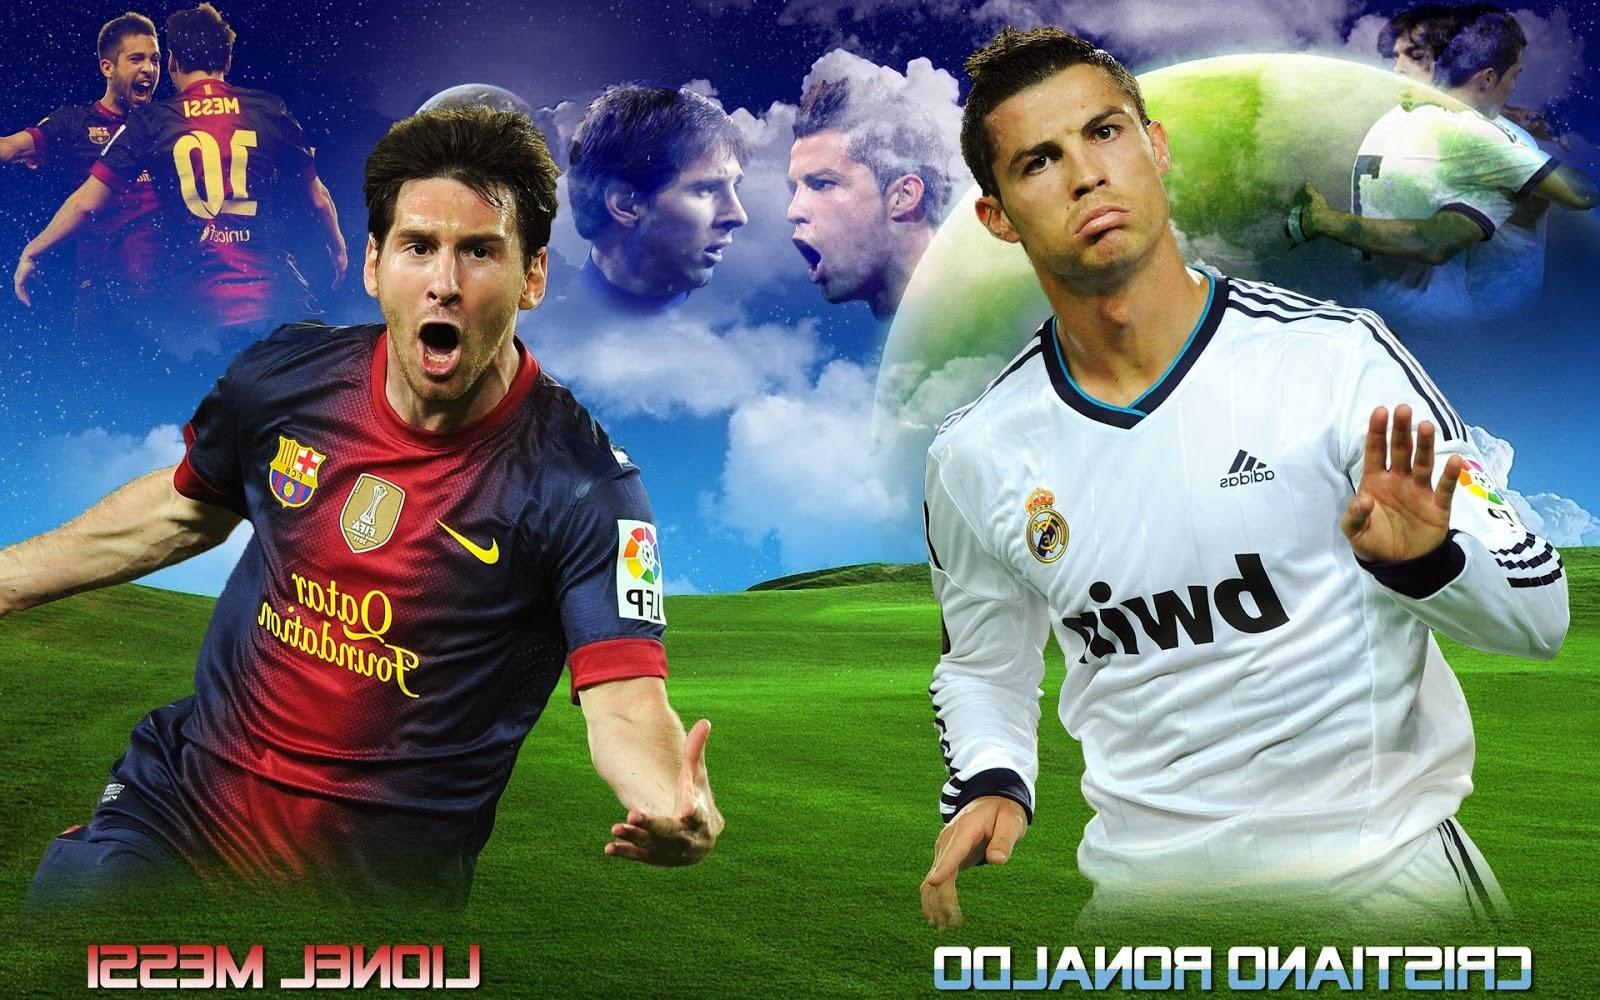 50 Messi Vs Ronaldo Wallpaper 2015 On Wallpapersafari